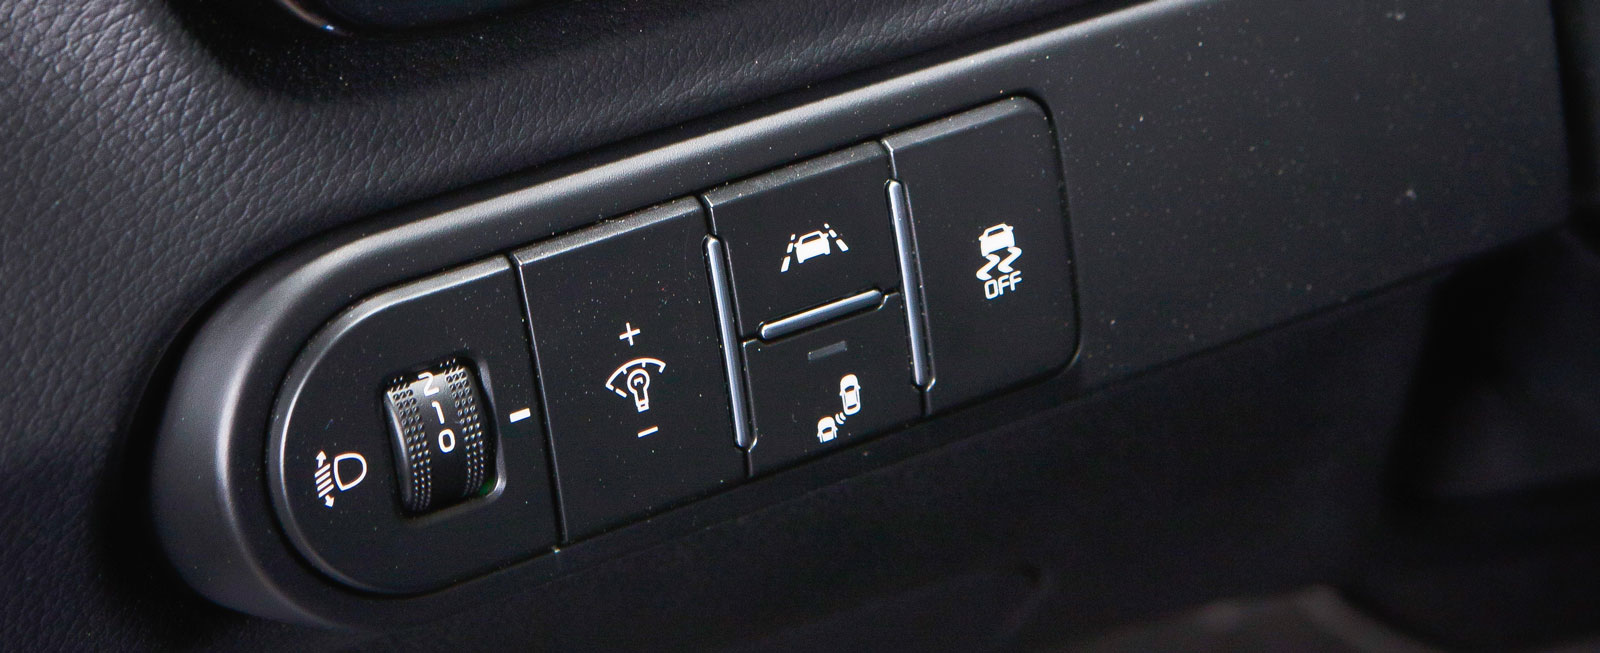 """Ceed har fått en avancerad filhållningsassistent där kameran även läser av och följer bilen framför för att positionera sig bättre i filen. Kia kallar det ett steg åt """"nivå 2"""" i självkörning. Tillämpningen är dock en smula oharmonisk."""